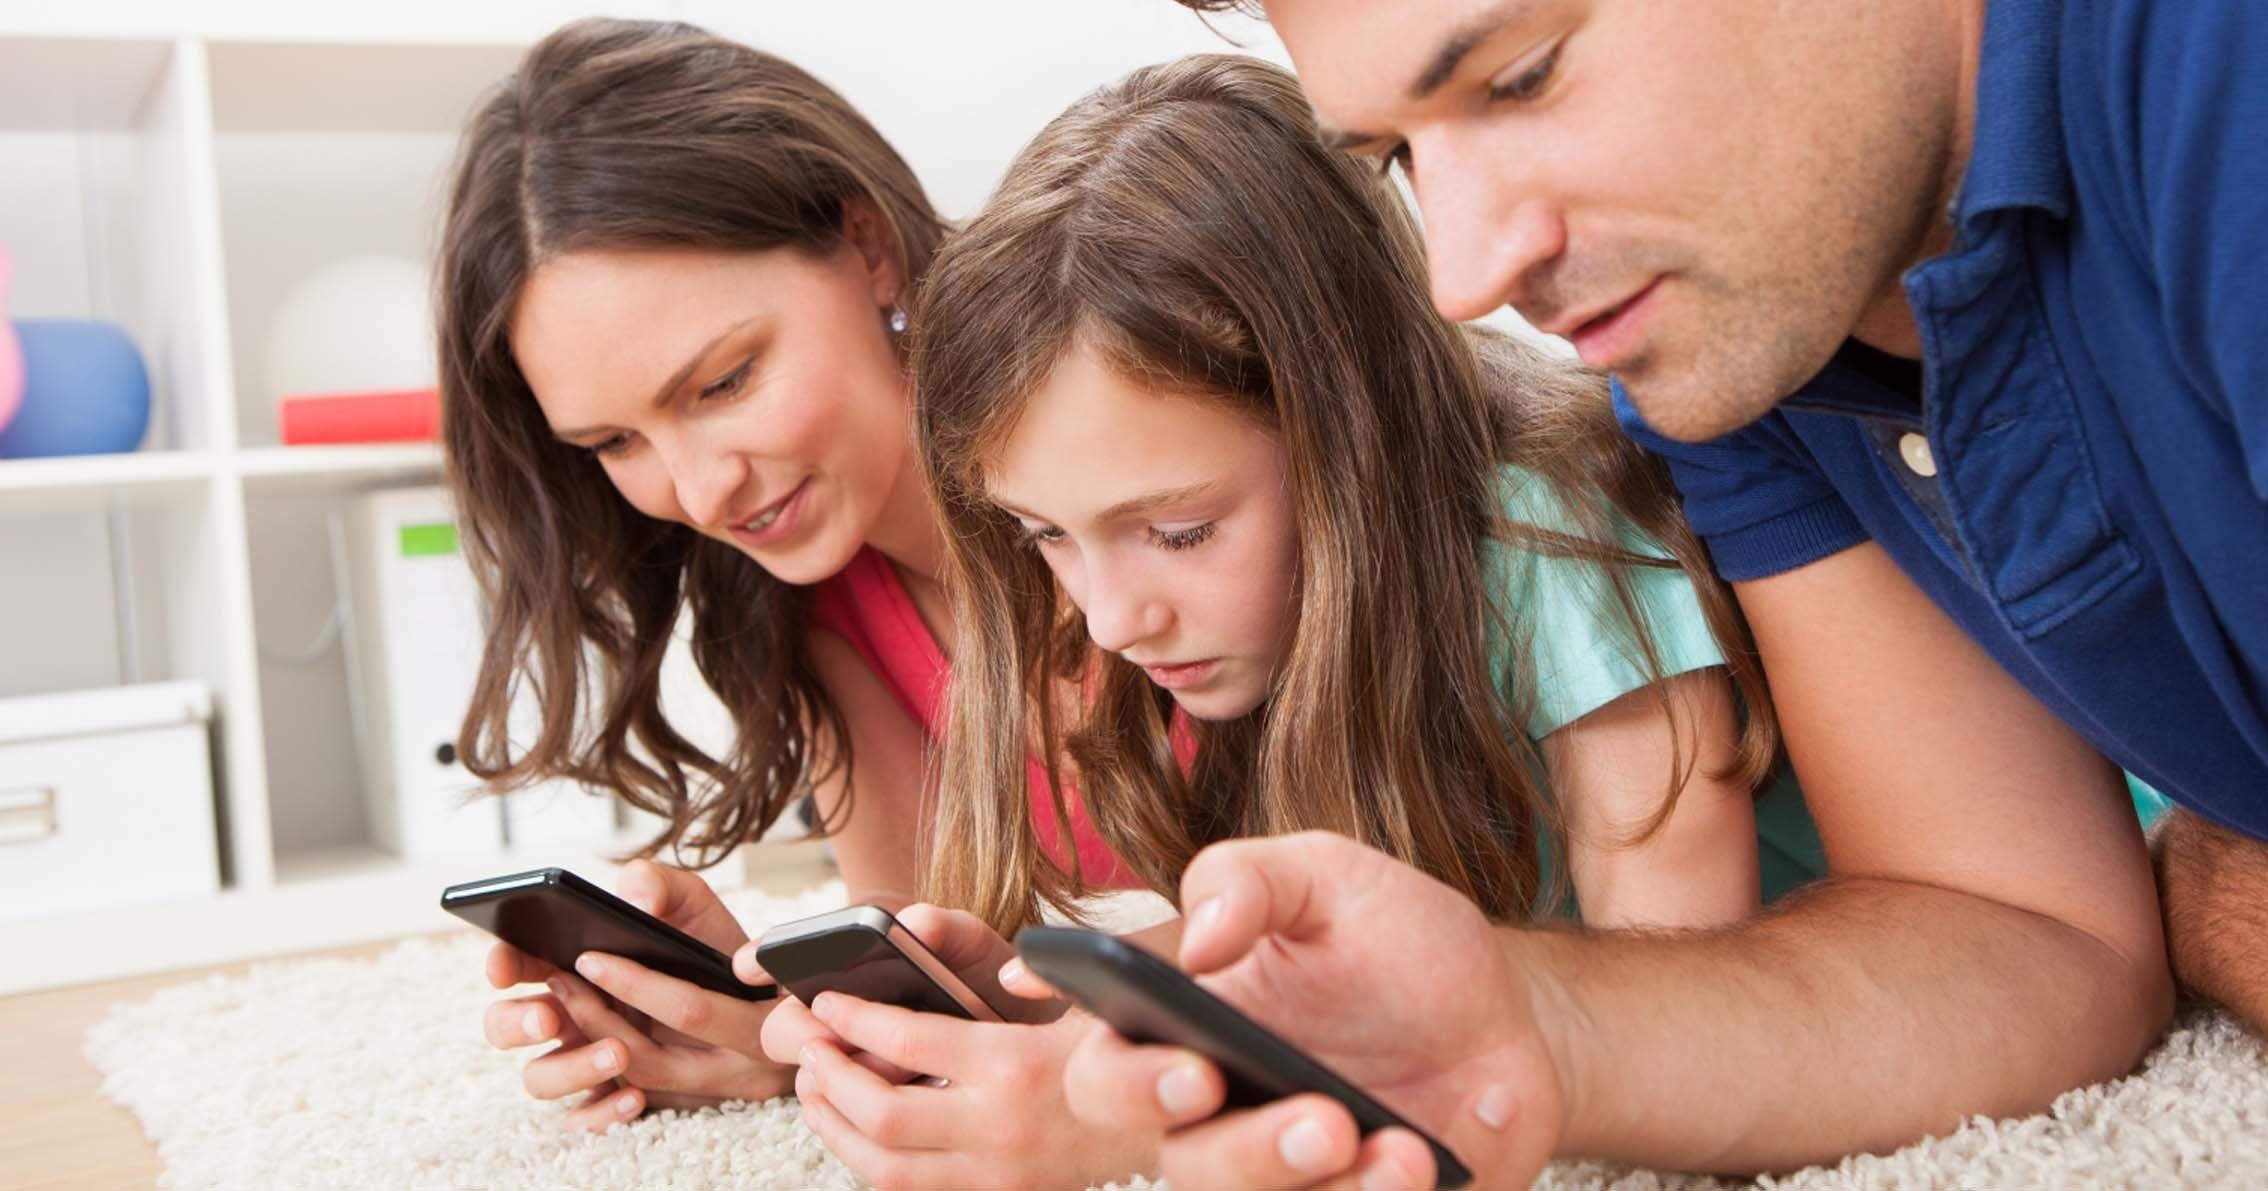 3. Tegaskan peraturan mengenai penggunaan gadget